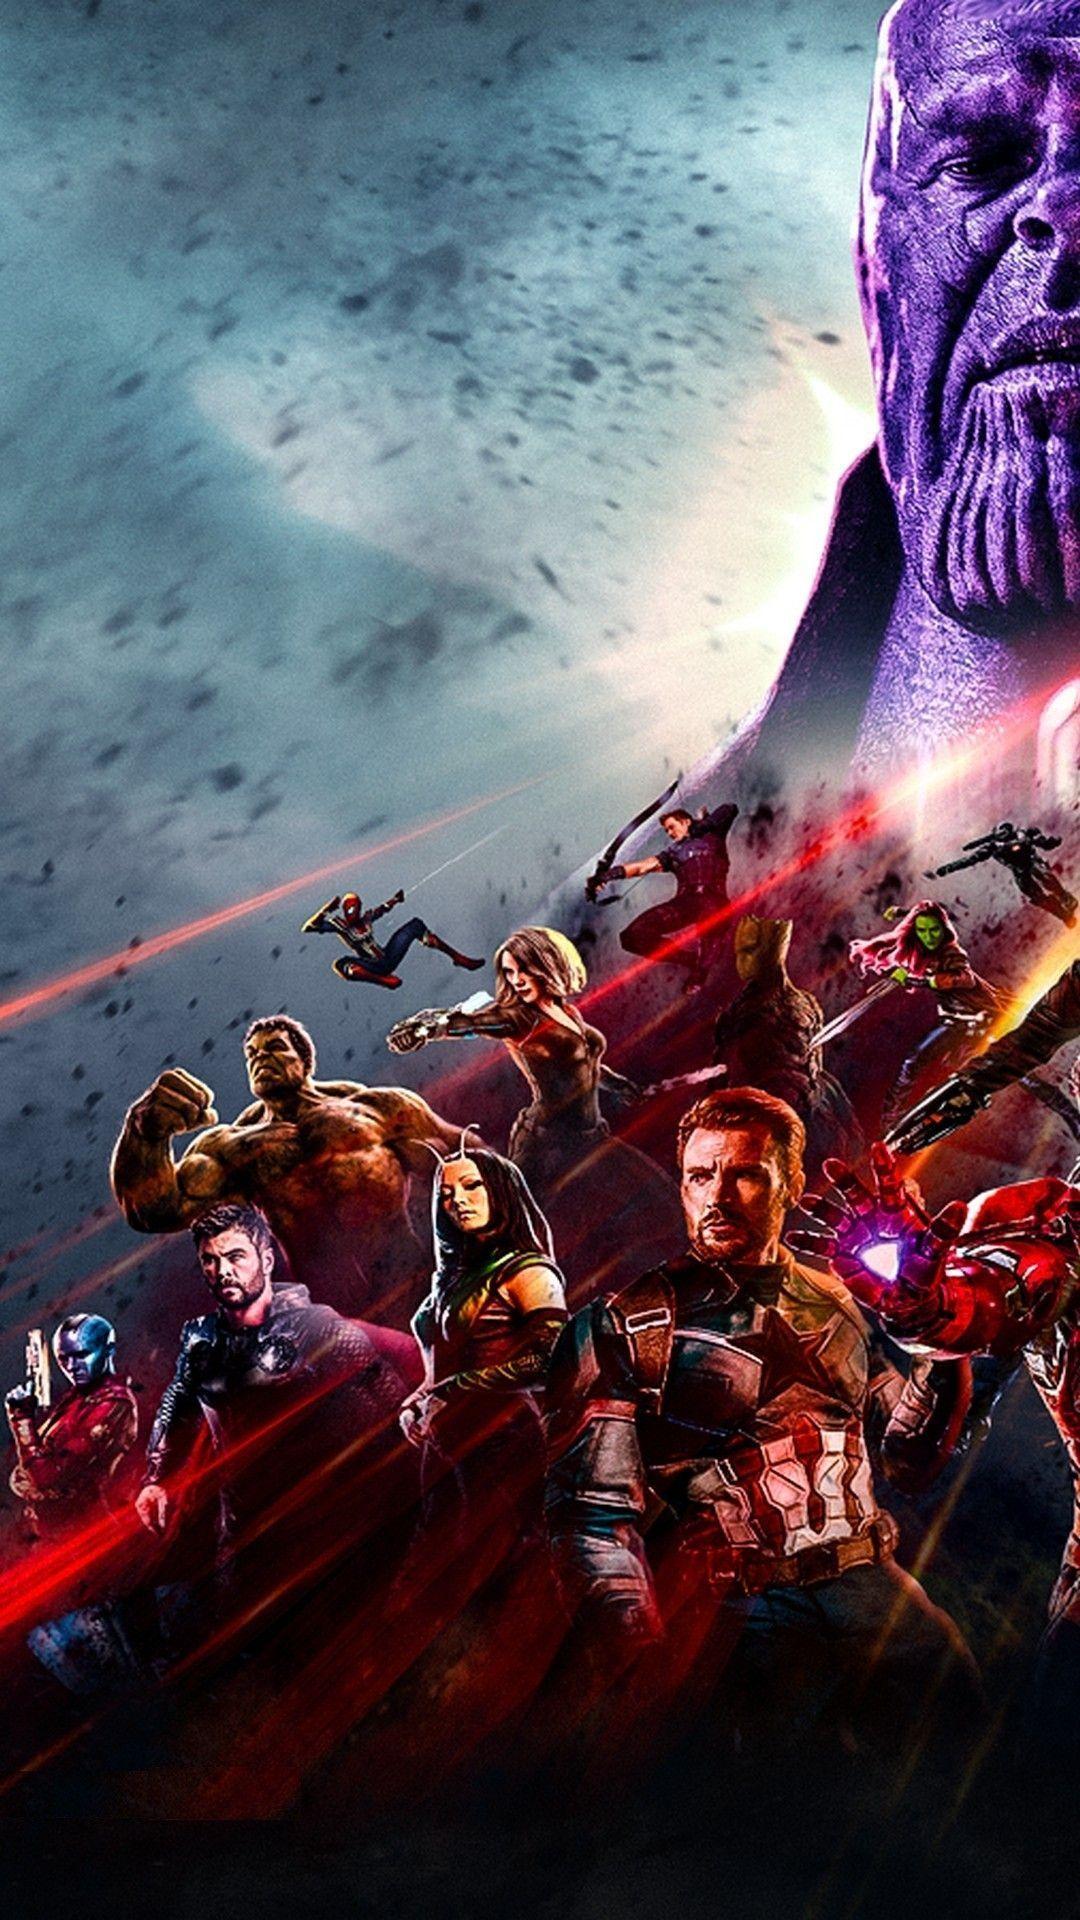 Avenger Endgame Wallpaper Iphone 4c19cbfe4fd28b5663c48ccdc82024b6 Iphonexwallpaper Avengers Images Avengers Pictures Marvel